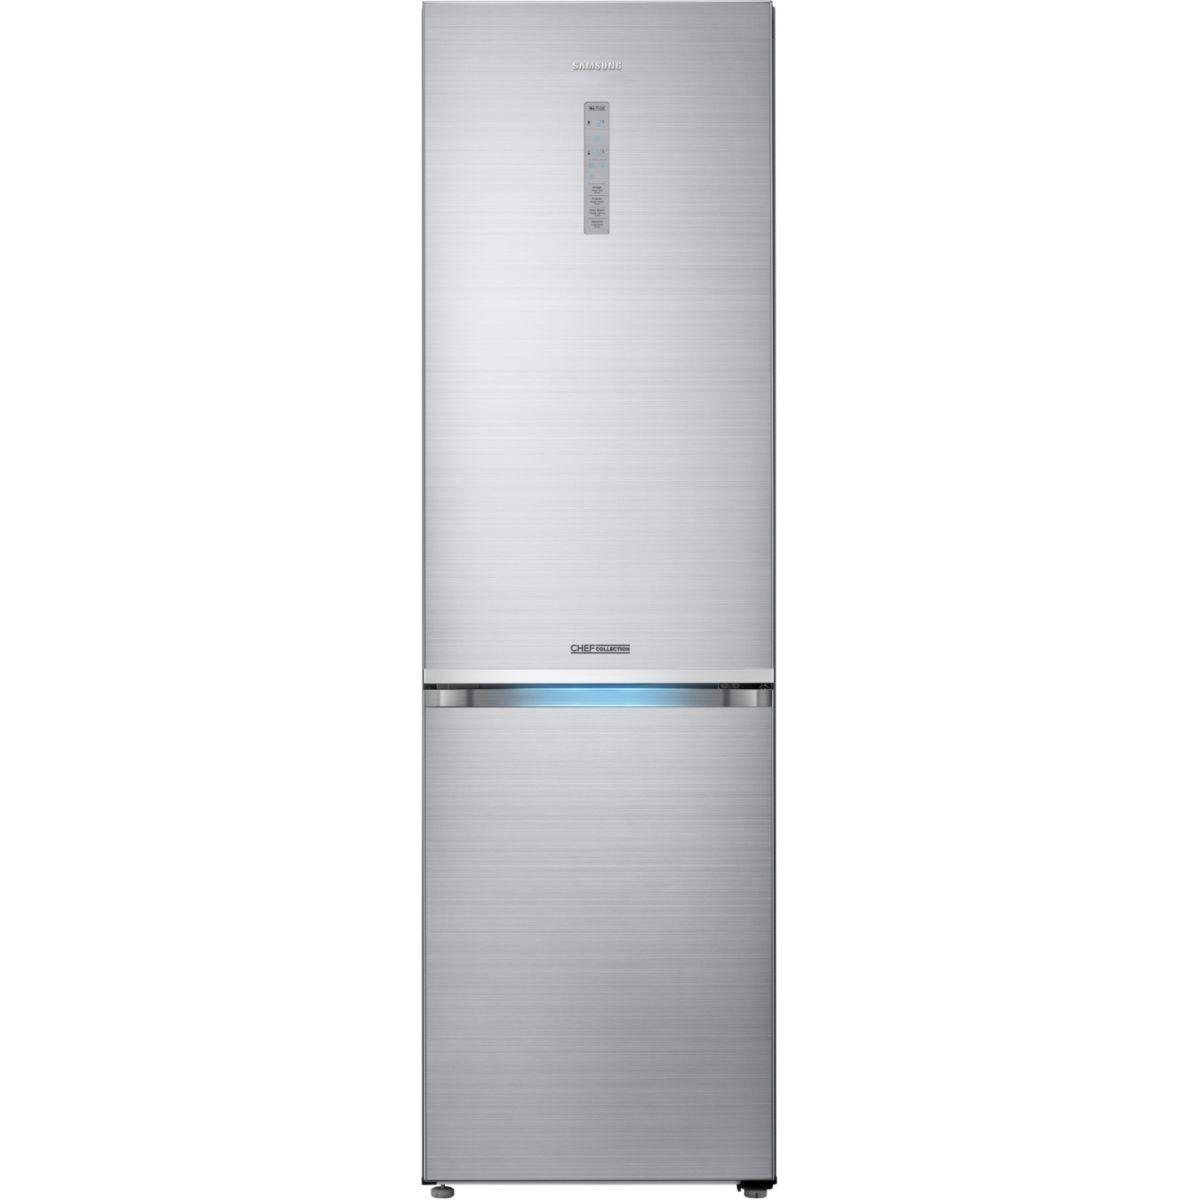 Réfrigérateur combiné SAMSUNG RB41J7859S4